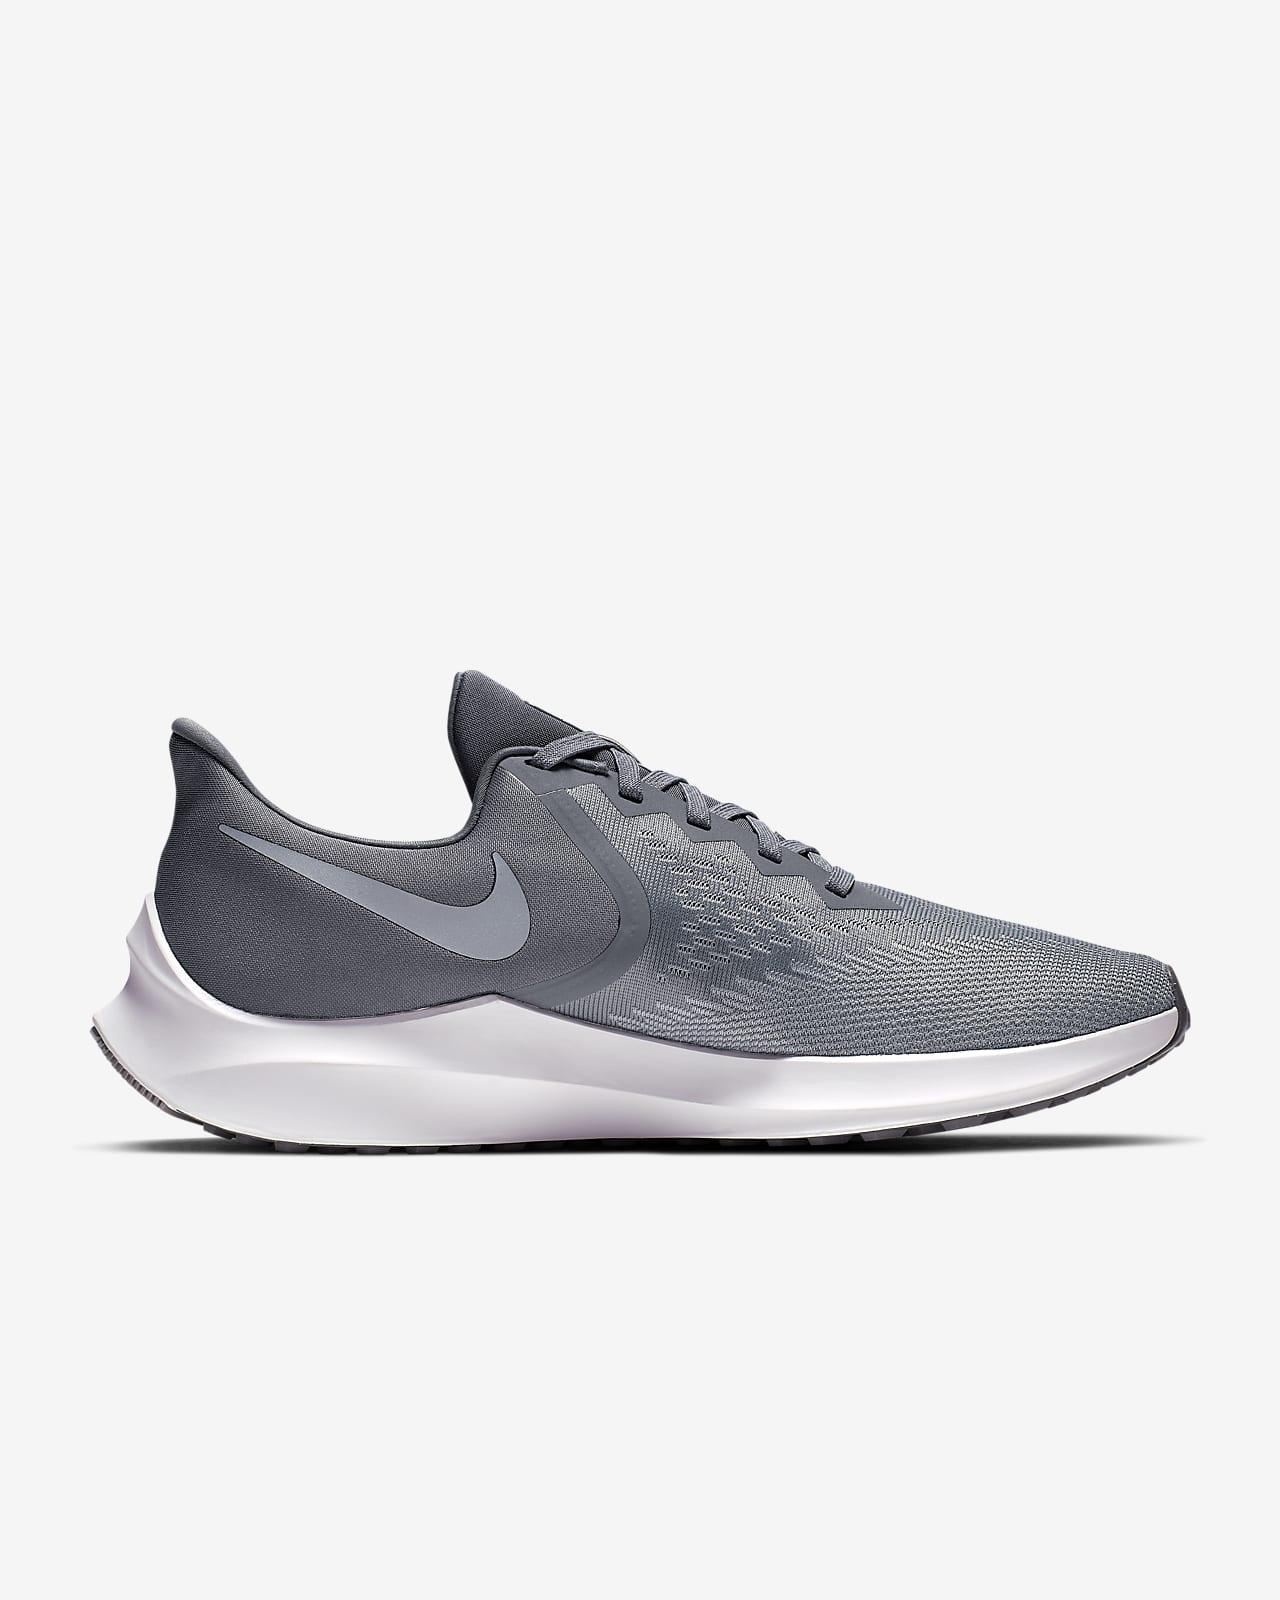 Calzado de running para hombre Nike Air Zoom Winflo 6